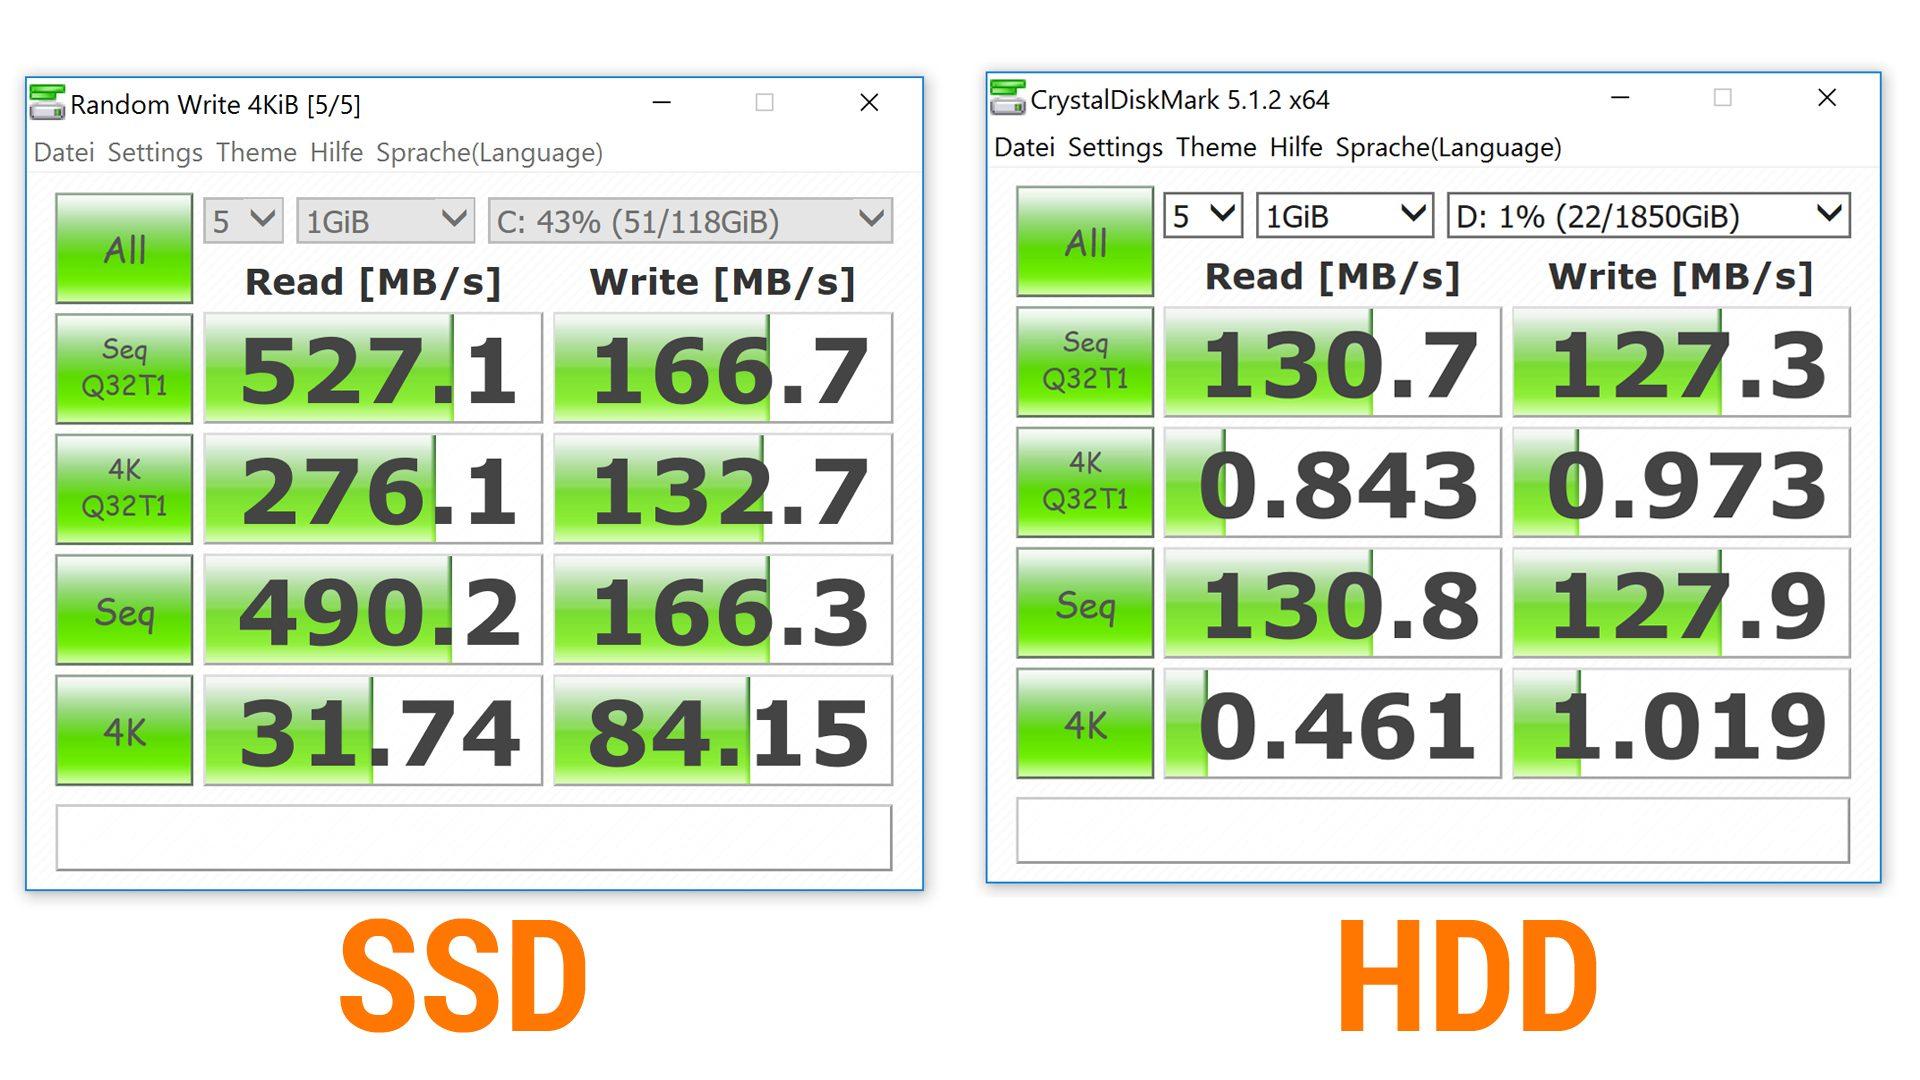 HP-OMEN-15-ax008ng – Crystal-Disk-Mark